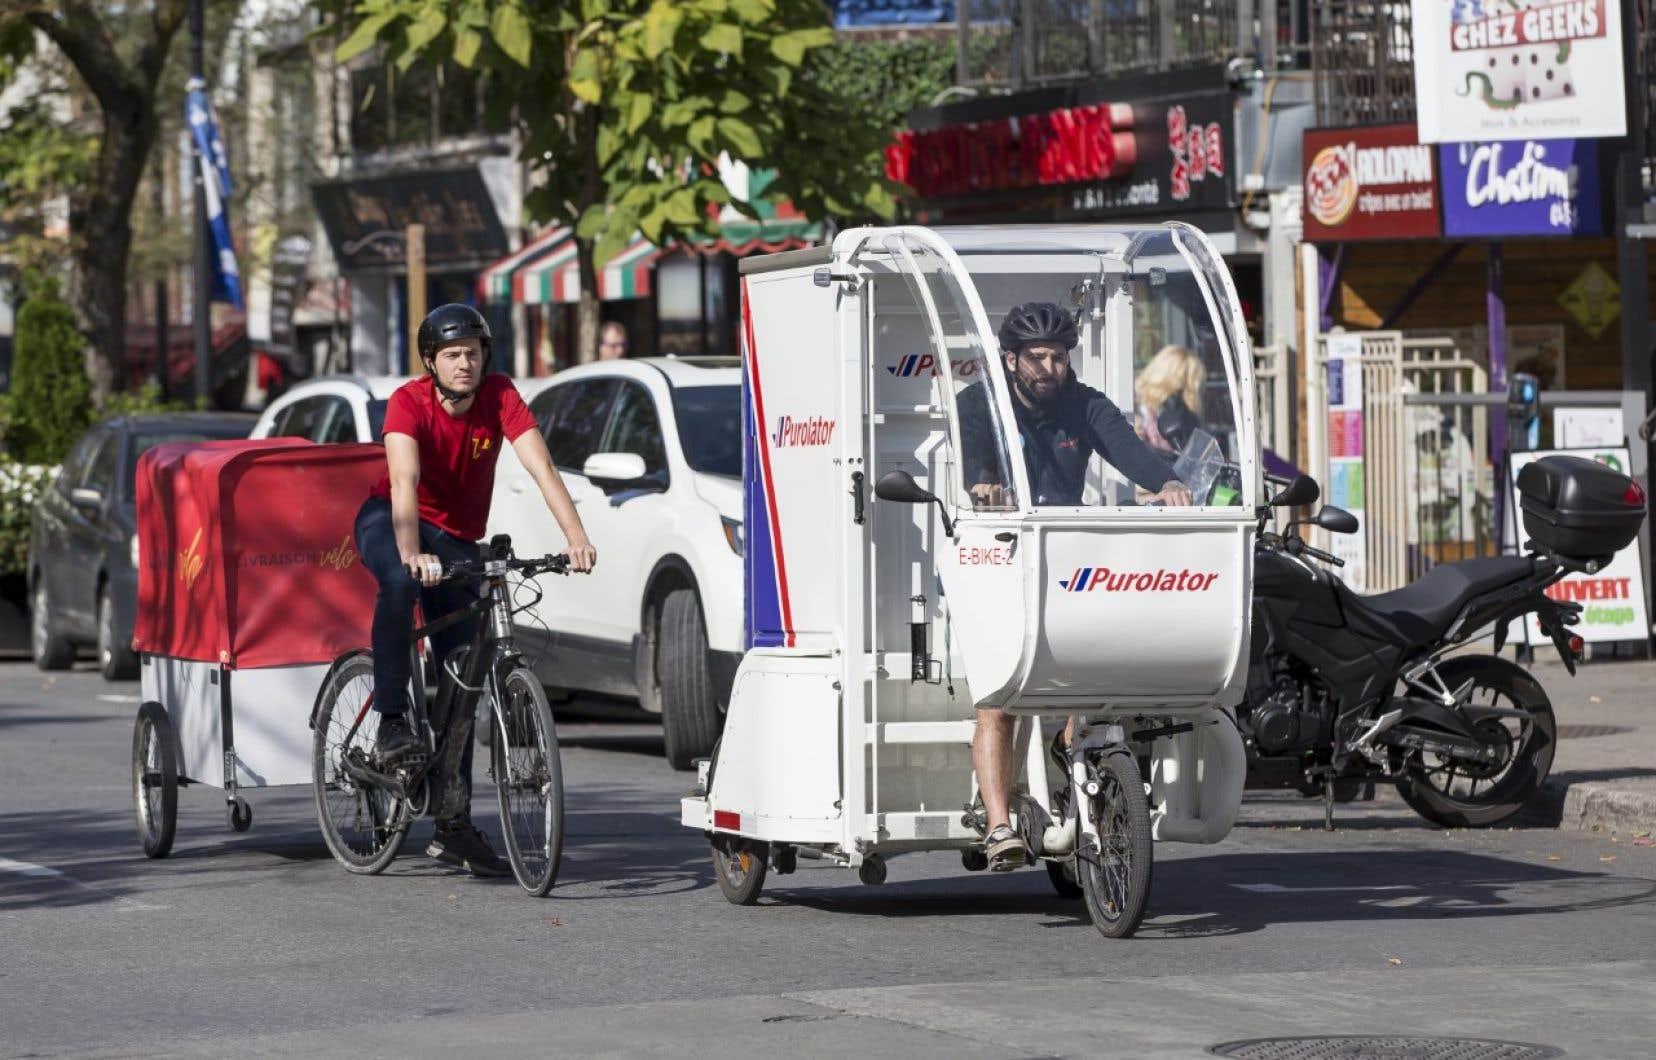 Les vélos cargos sont une bonne façon de livrer  les colis en milieu urbain, réduisant la congestion routière et les émissions de GES.